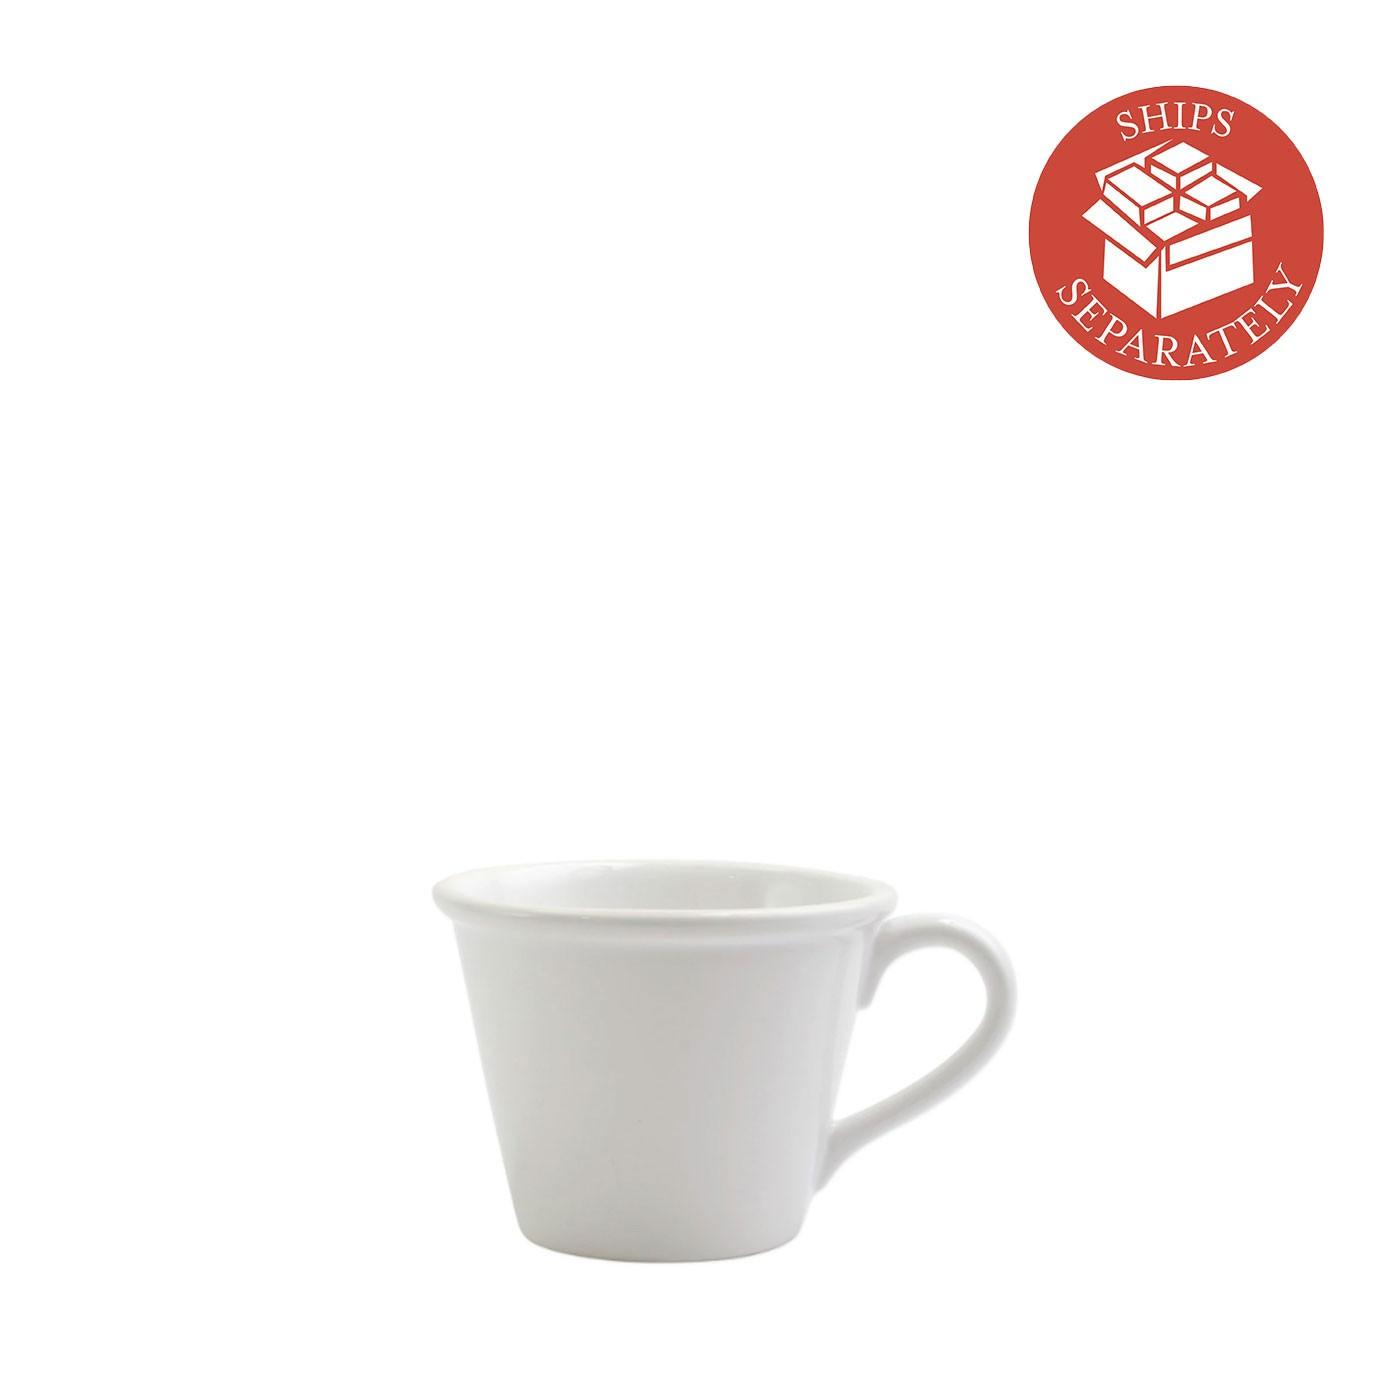 Chroma White Mug - Vietri | Eataly.com